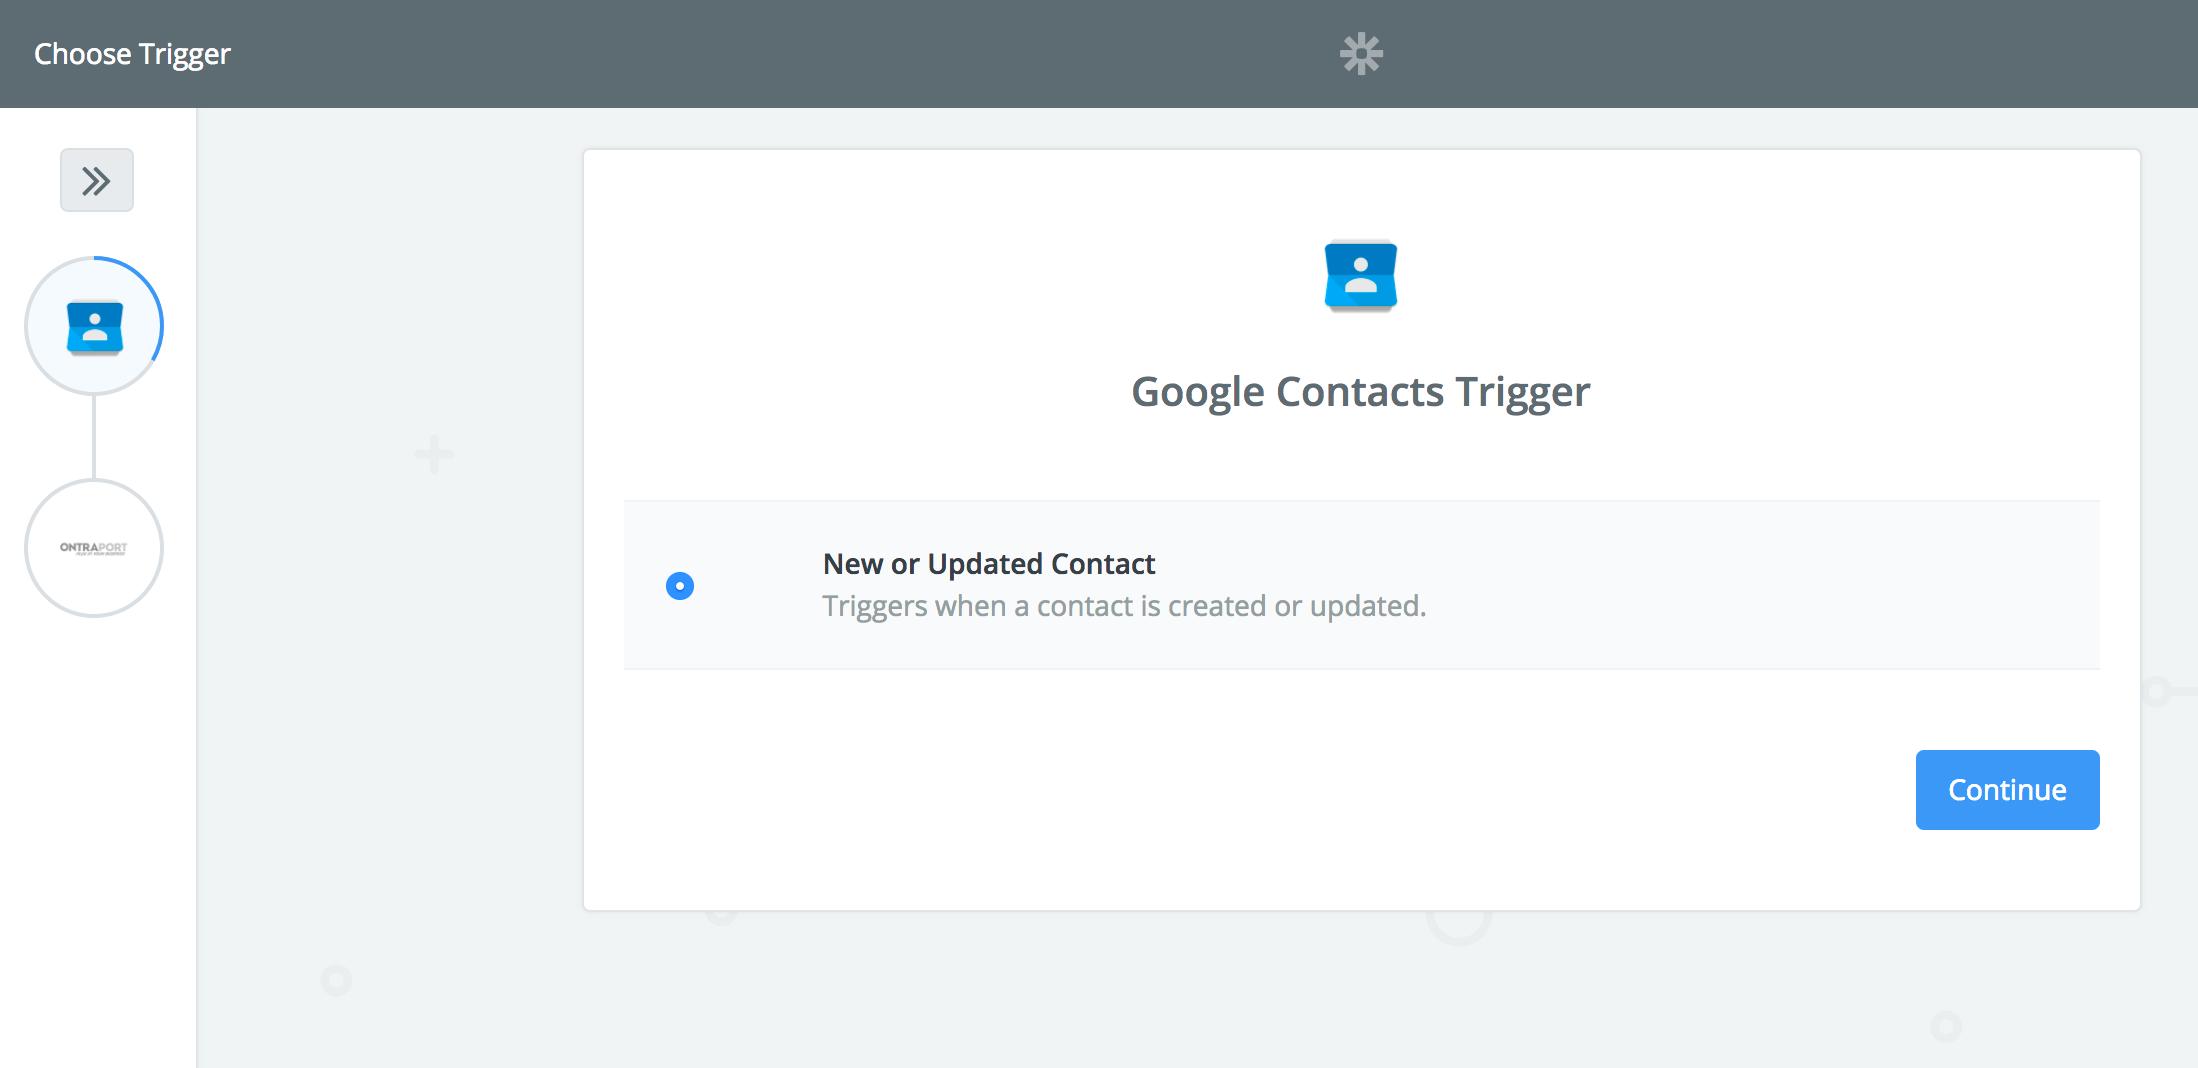 Google Contacts Trigger